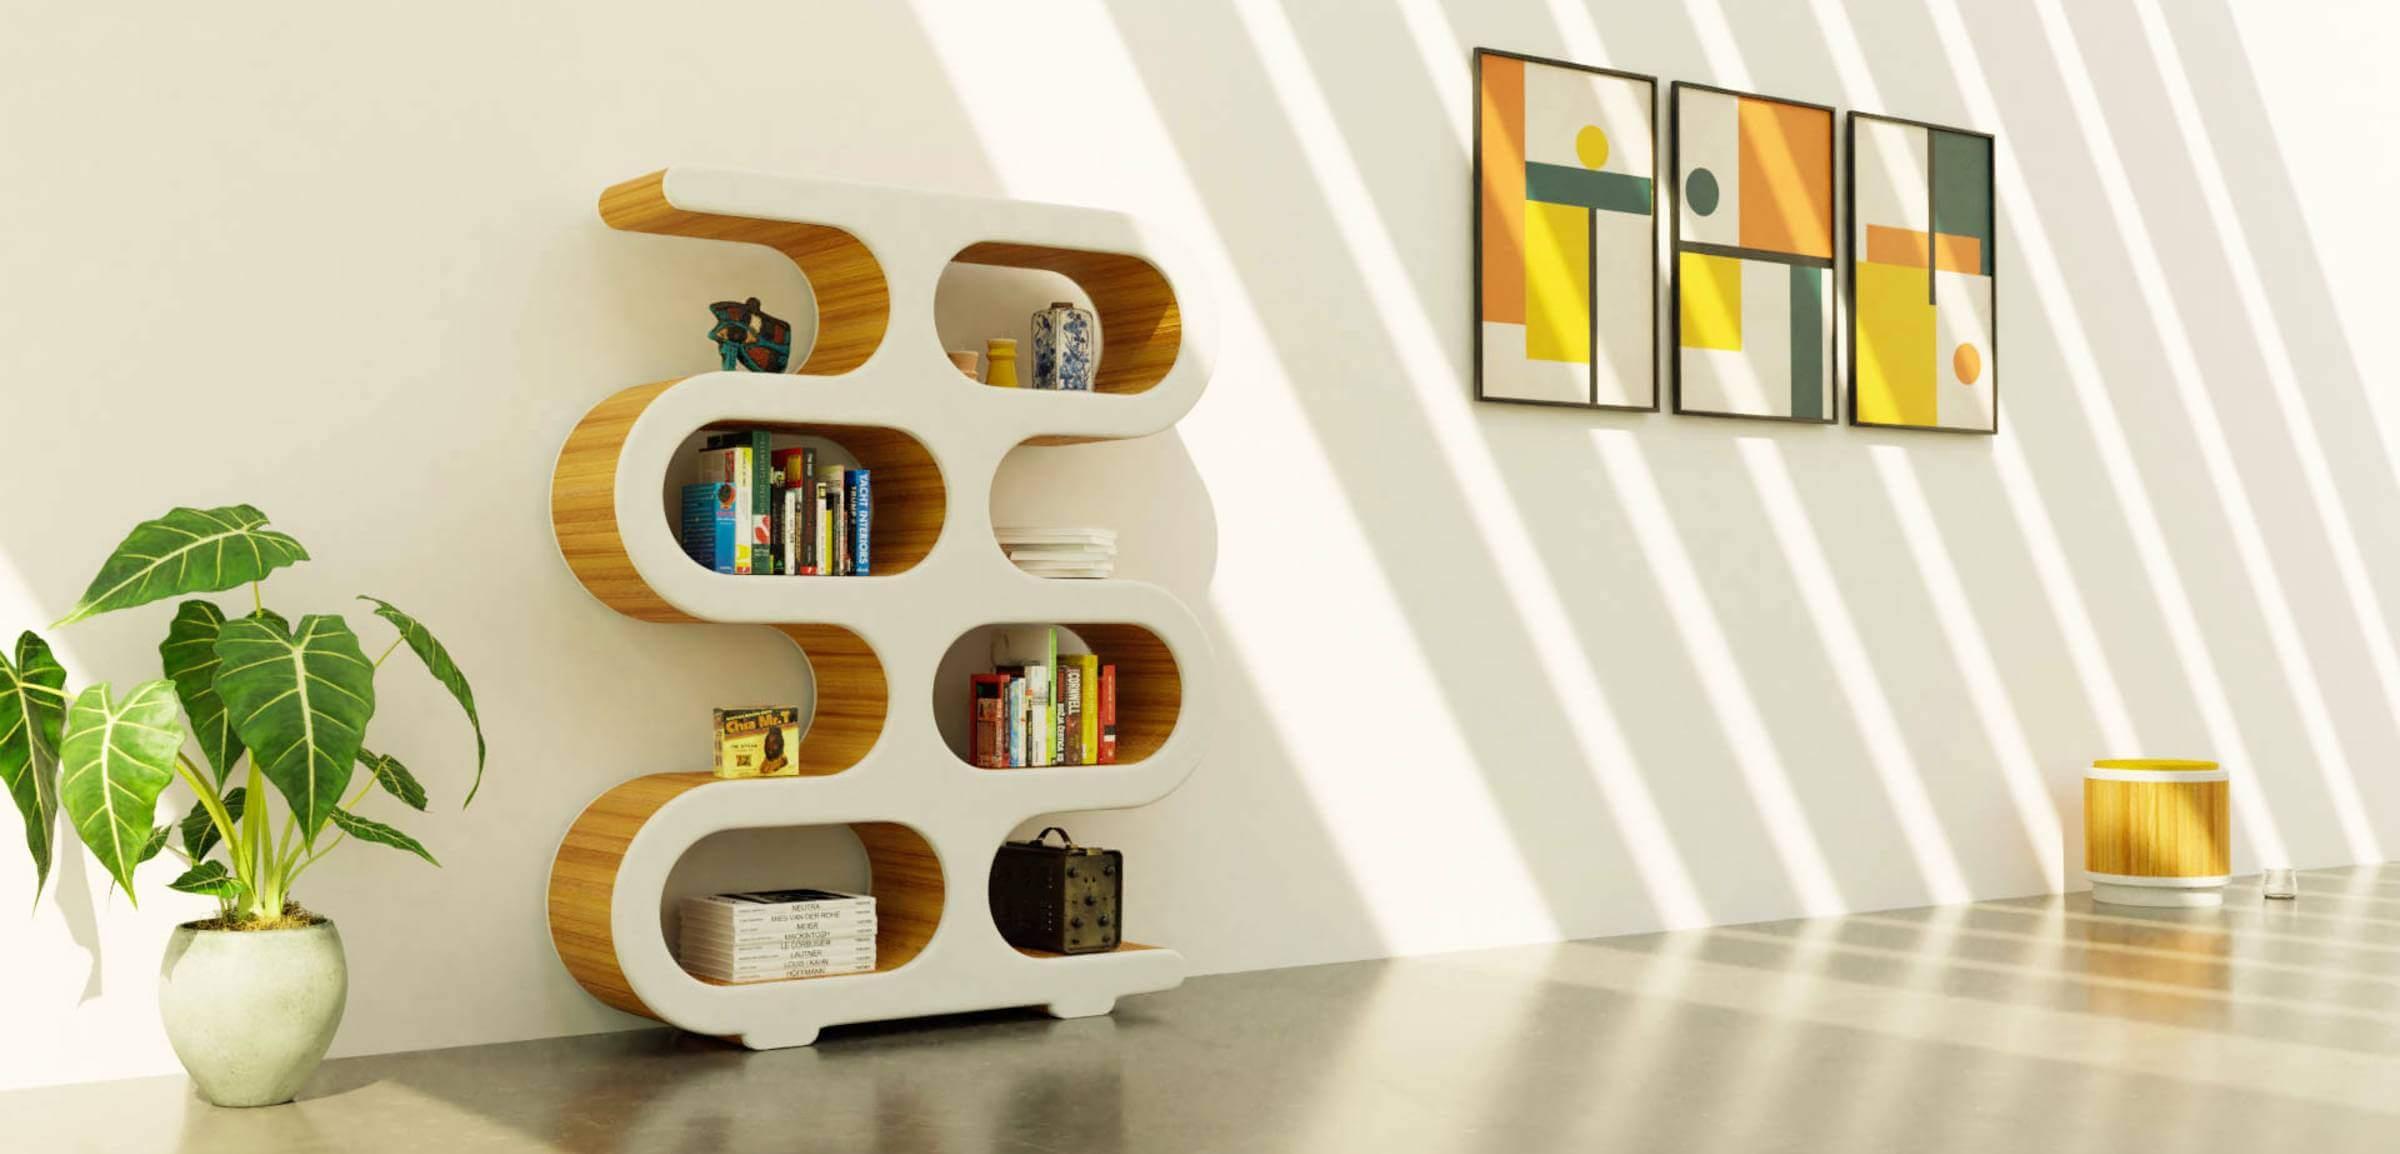 Design boekenkast in woonkamer